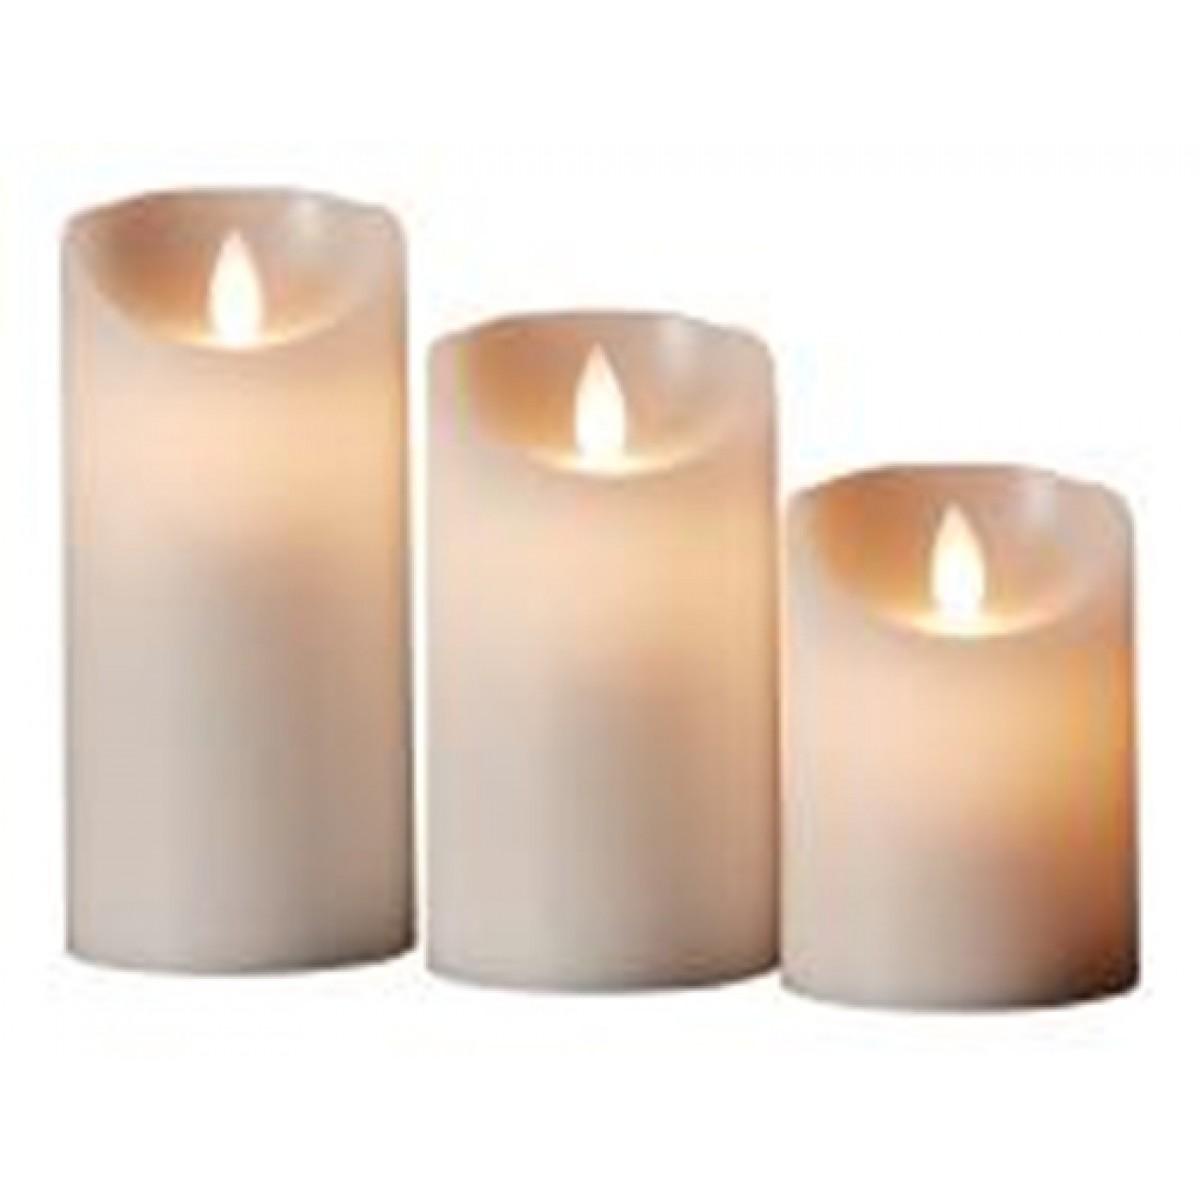 Bloklyssæt Ø7,5 cm 3 stk. bevægelig flamme 10 funktioner hvid